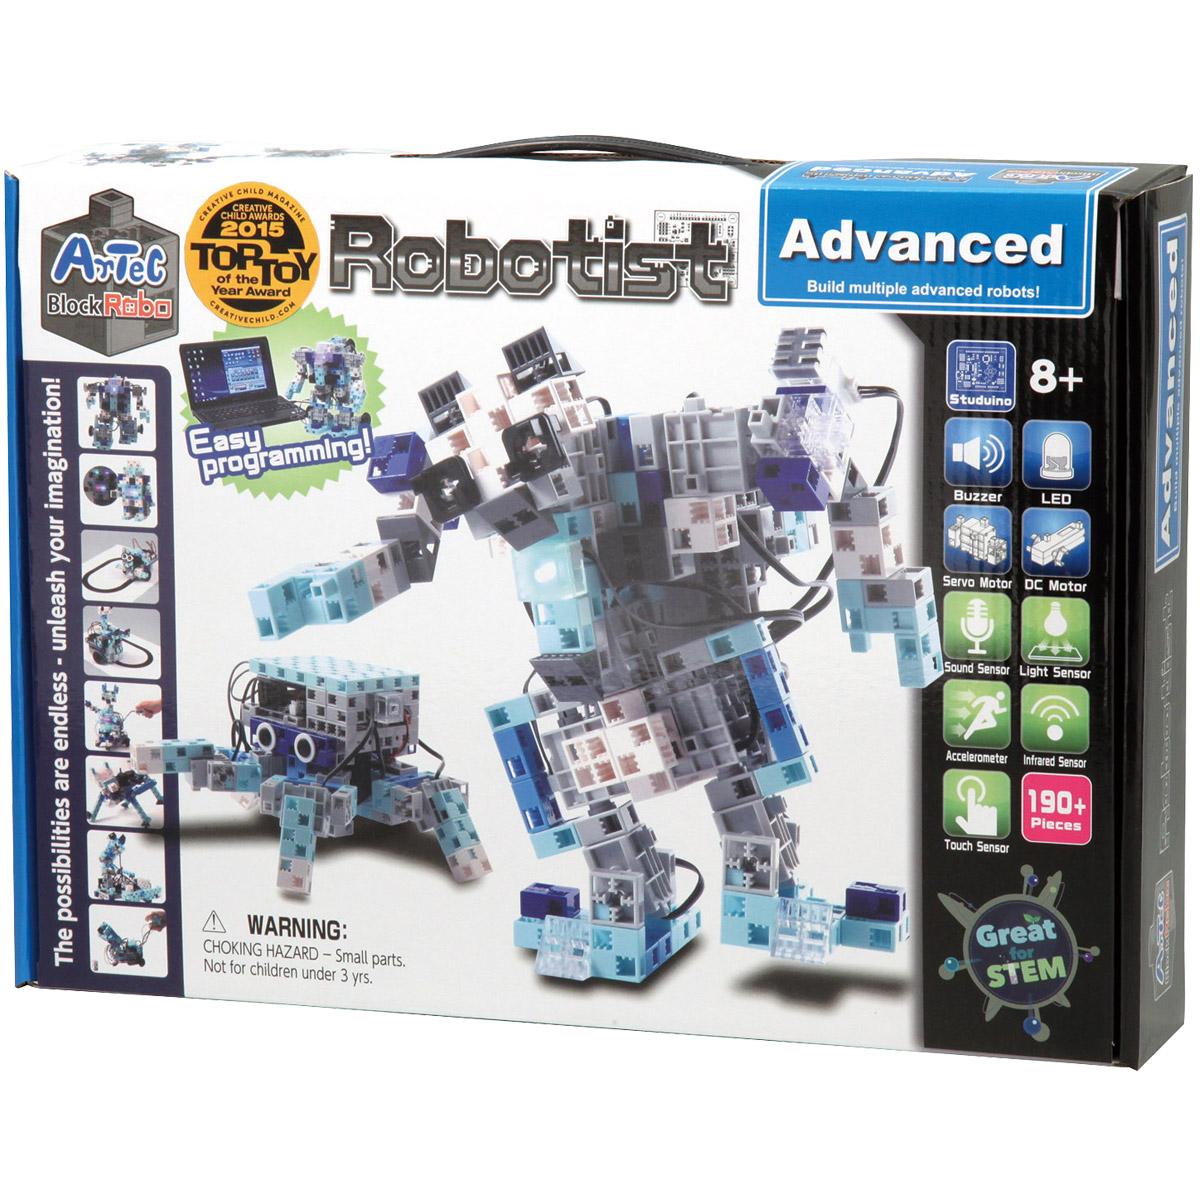 【20日限定クーポン配布中】【15日限定クーポン配布中】ブロック おもちゃ アーテックブロック ロボティスト アドバンス プログラミング 学習 日本製 ロボット Artec ブロック キッズ ジュニア パーツ 知育玩具 レゴ・レゴブロックのように自由に遊べます